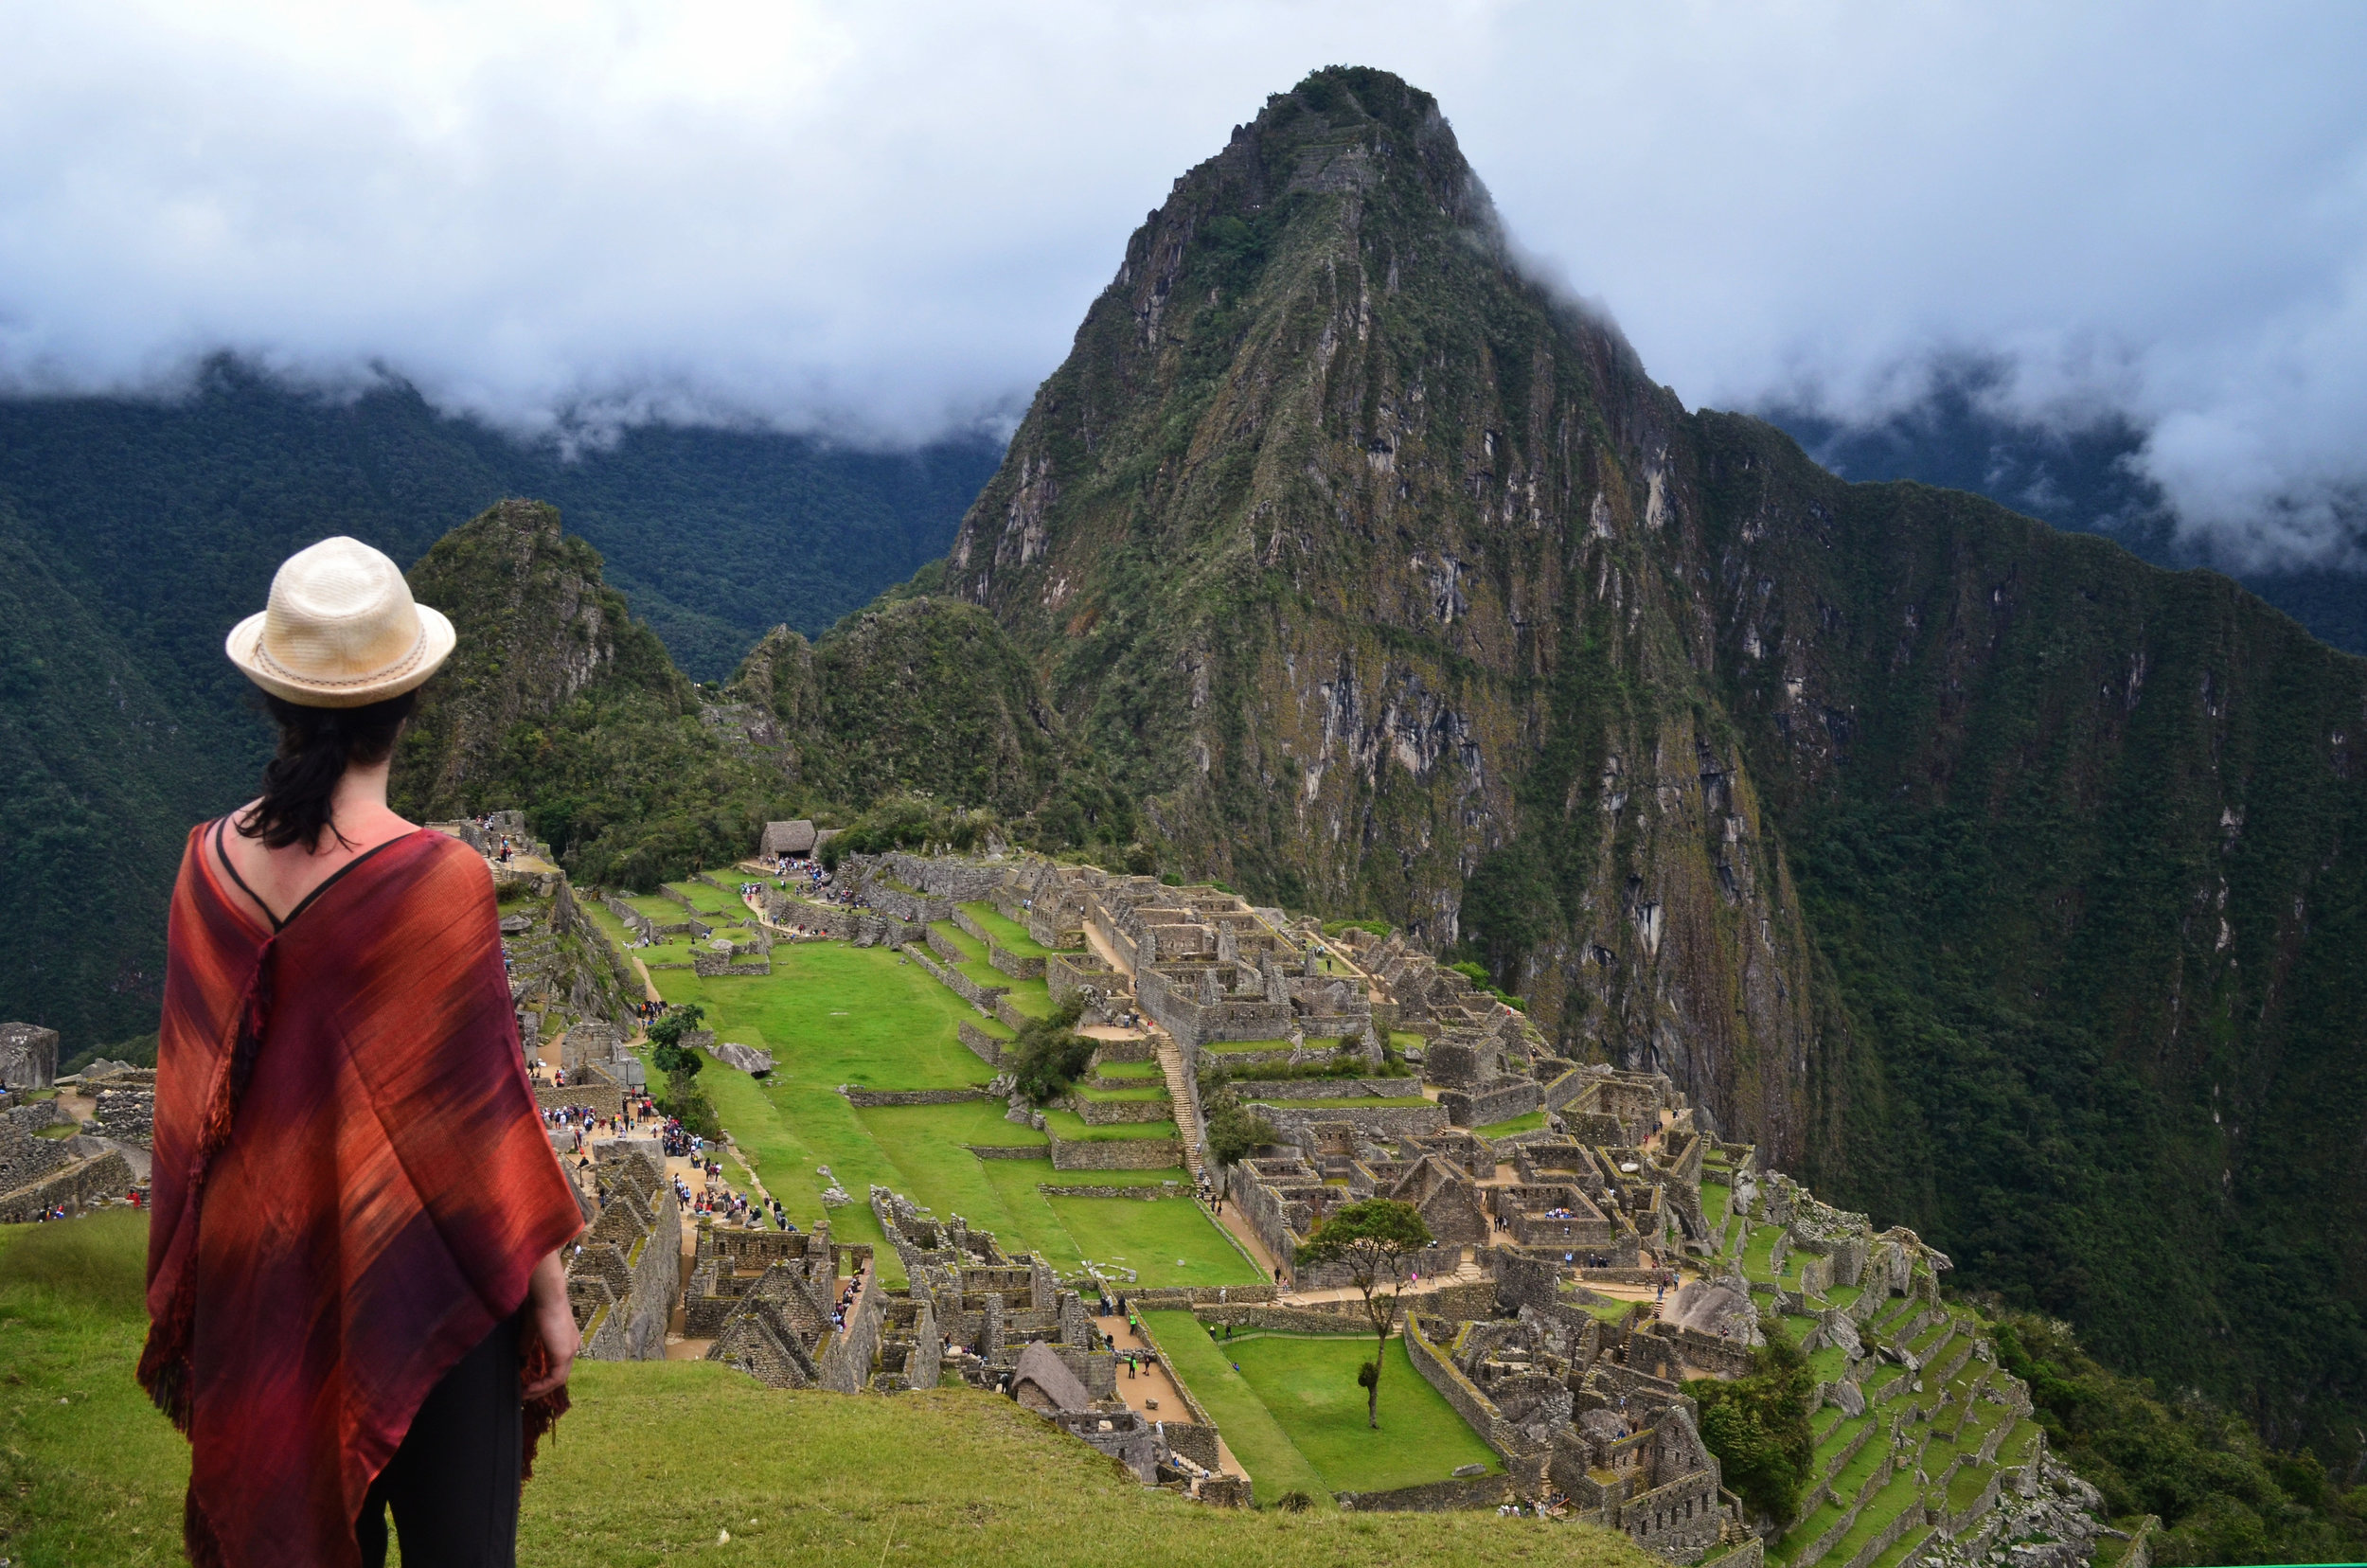 The Inca Citadel, Machu Picchu